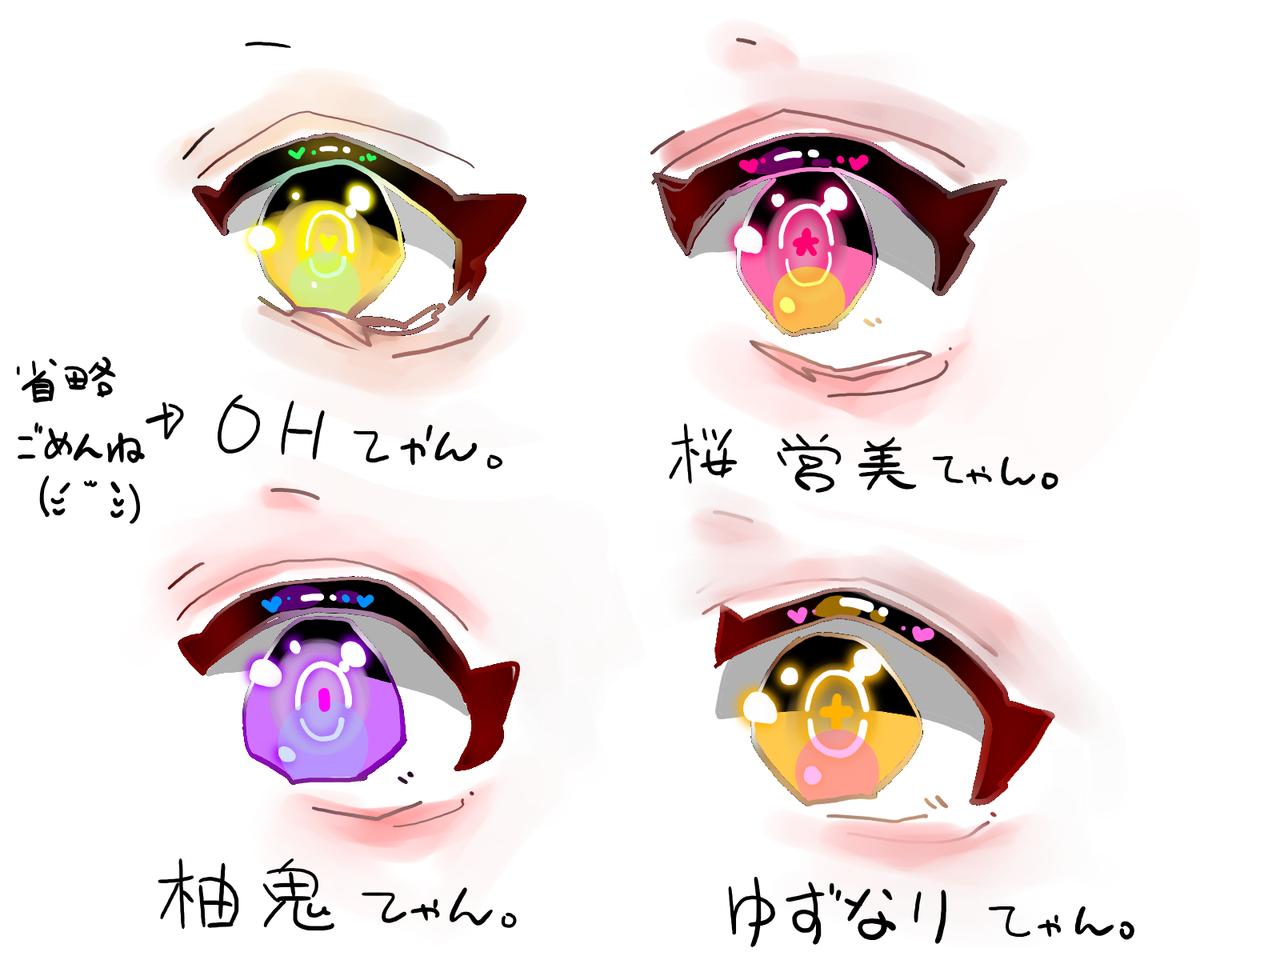 みんなの目を想像で描いたよ!!<第1弾> Illust of めだまやき#パートナーかわいい kawaii angel 目を描きました。 eyes digital フォロワーさん